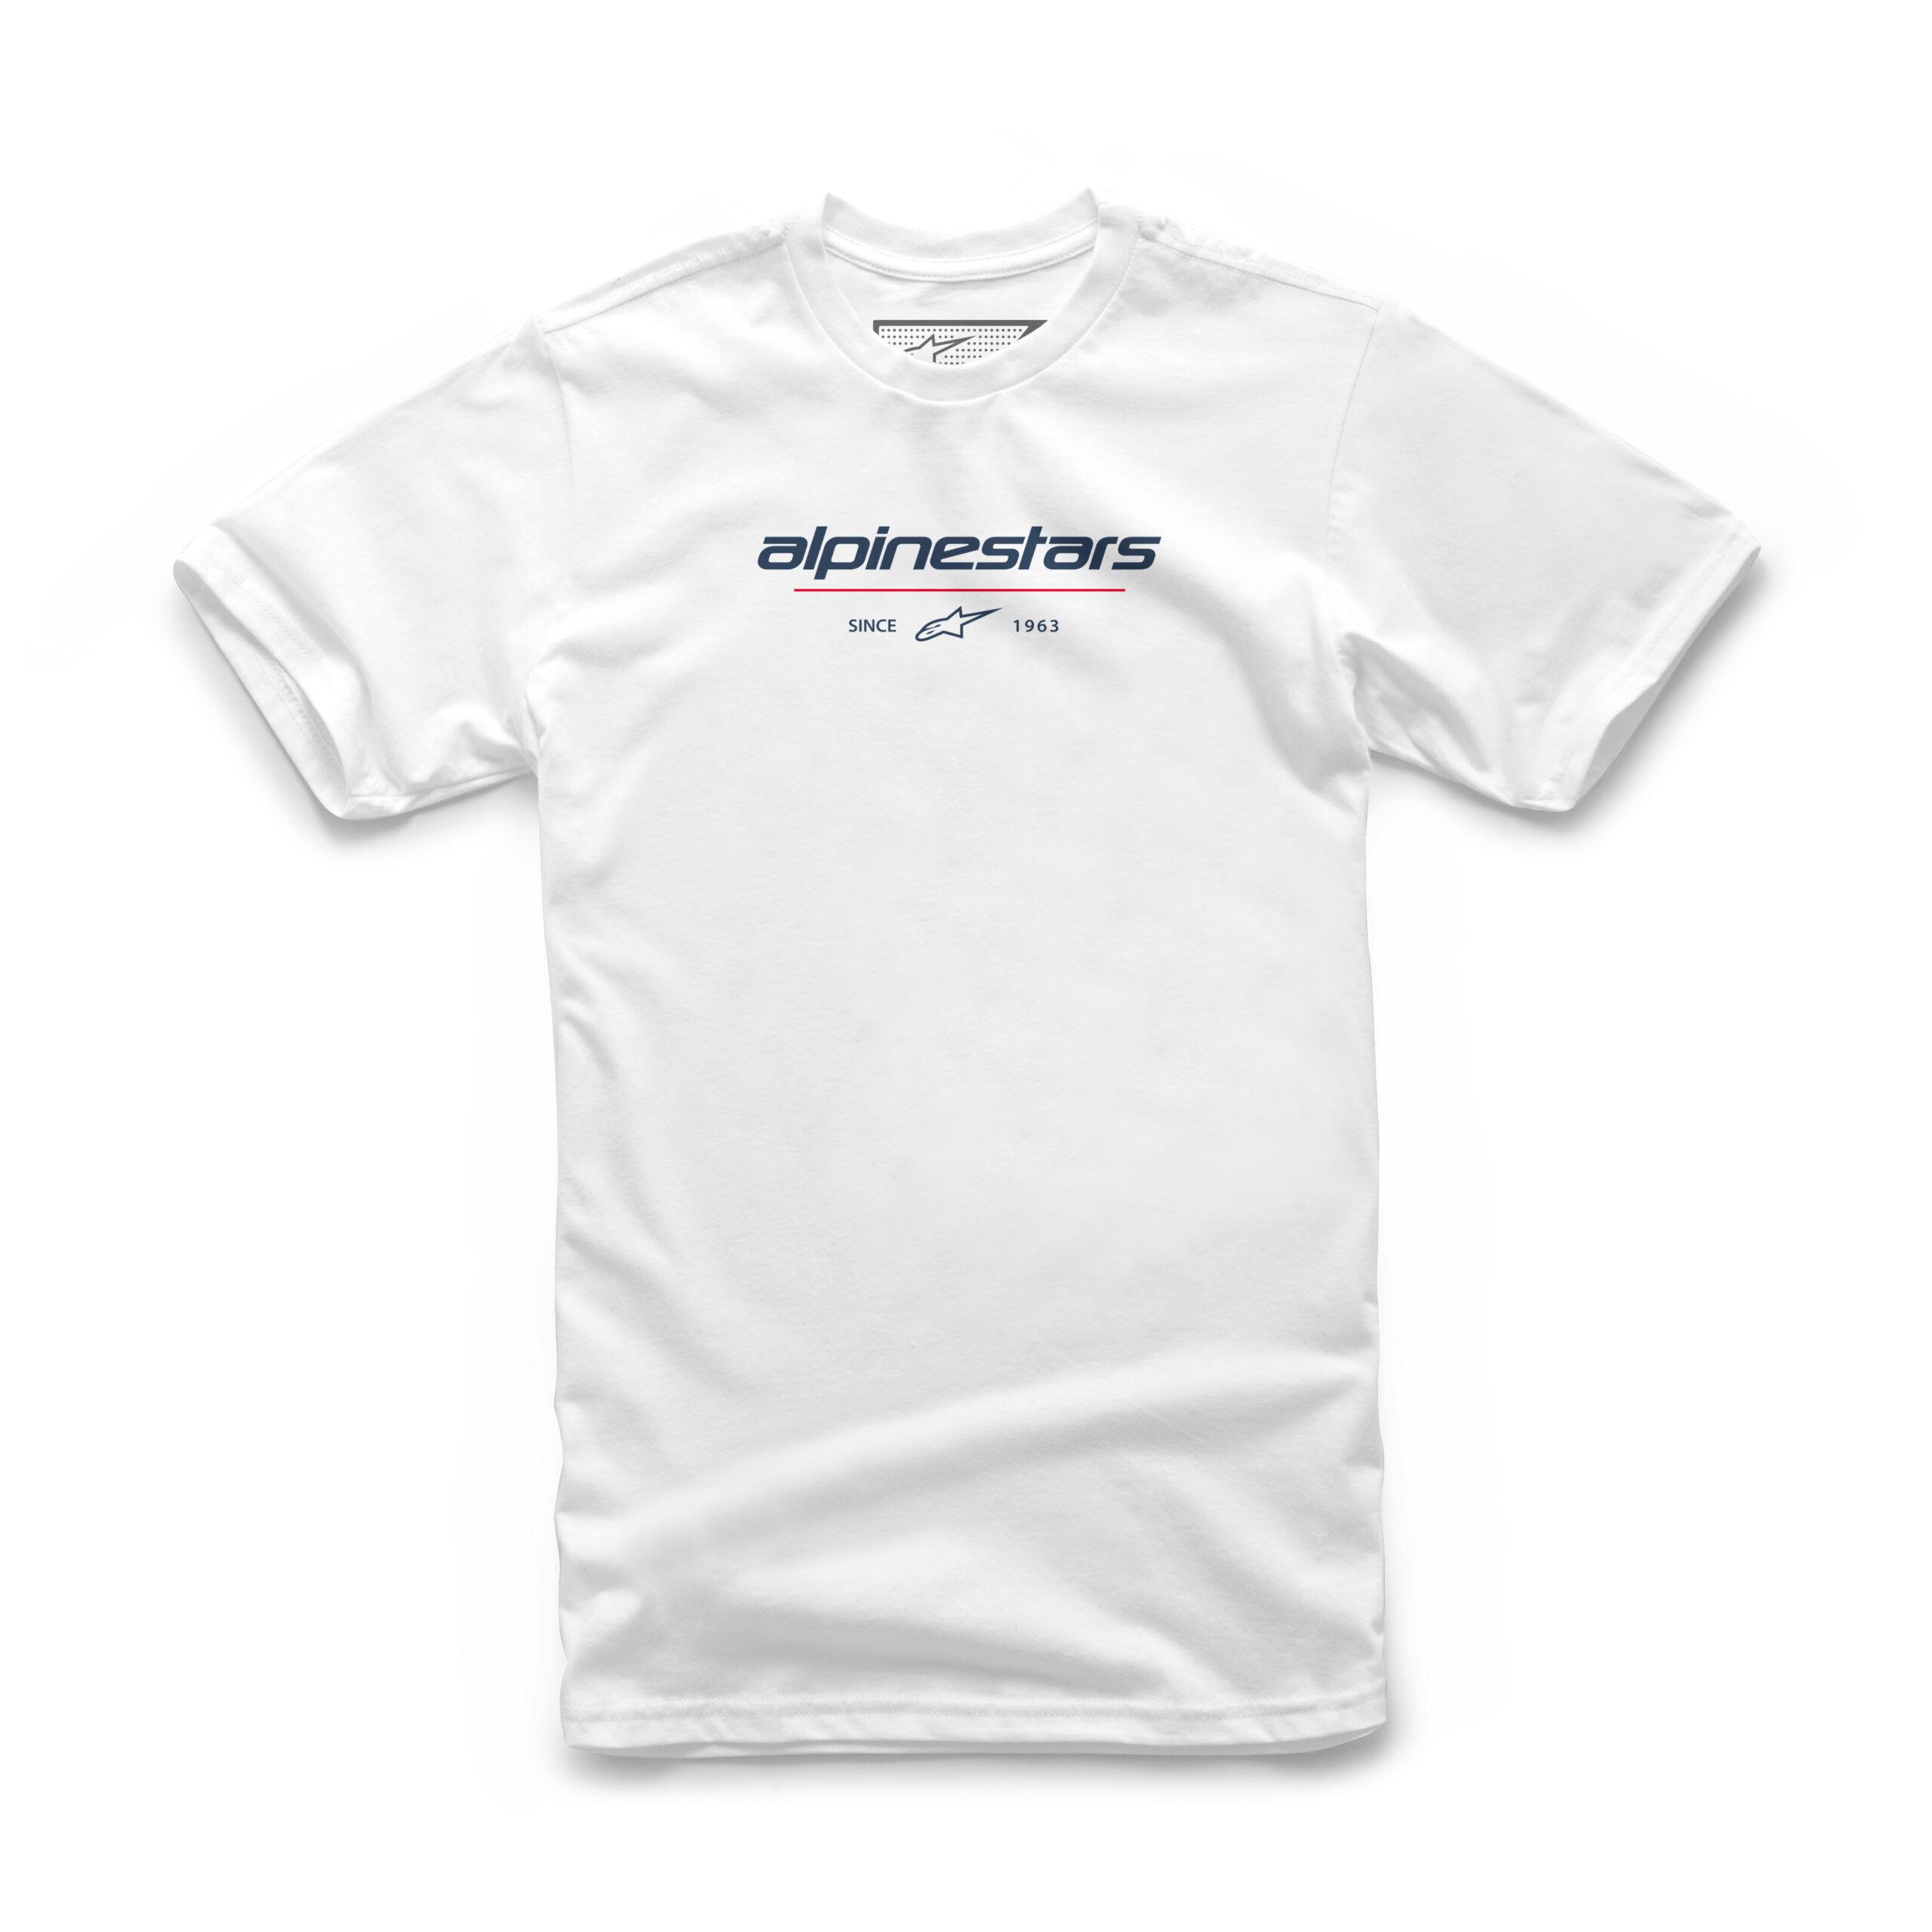 Alpinestars Since 1963 men Tee white